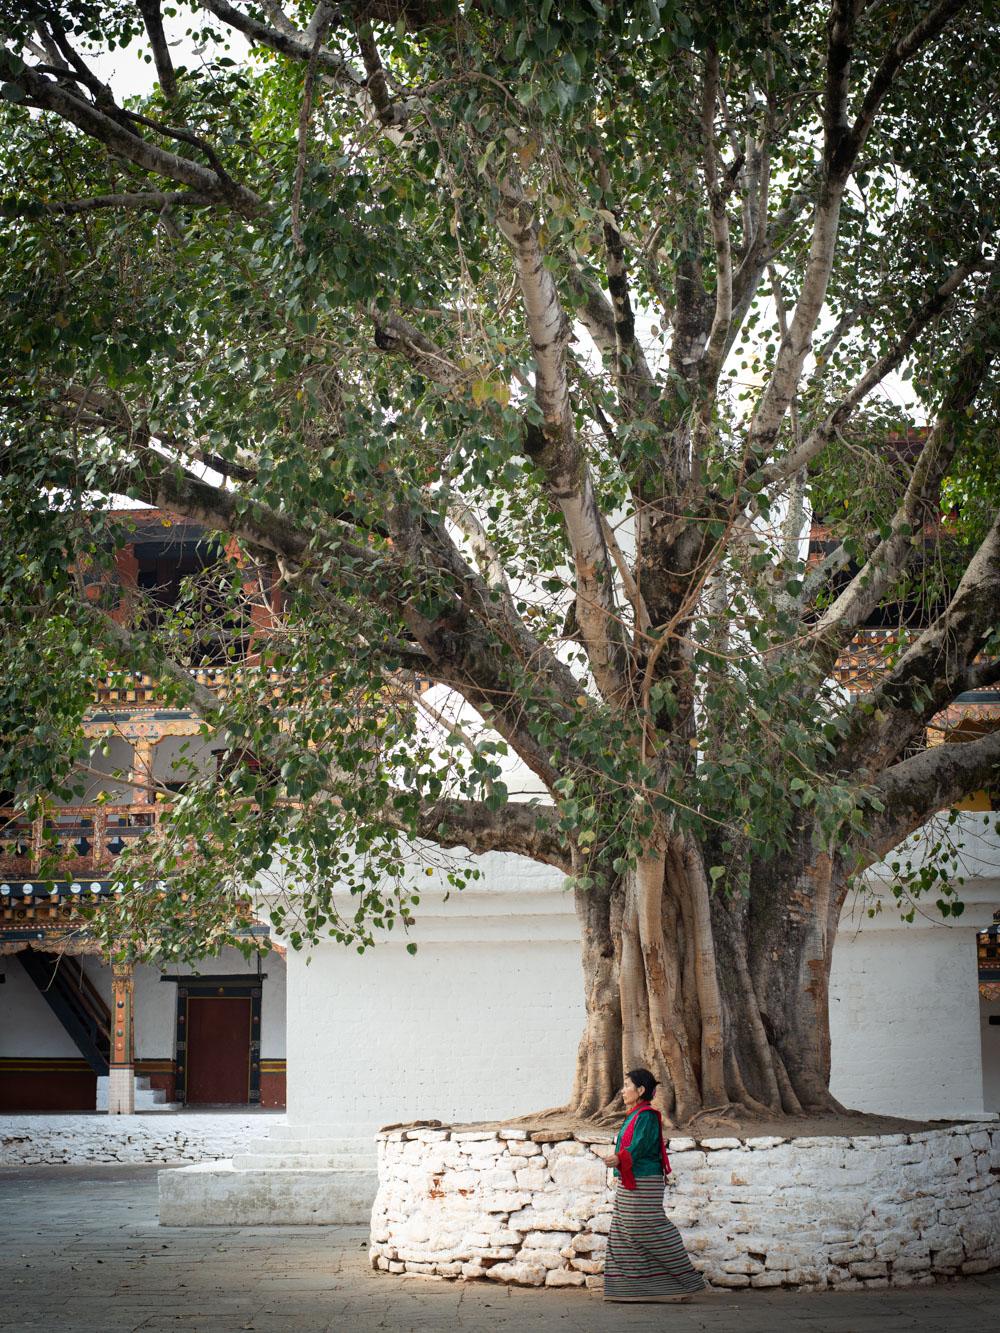 bhutan_014.JPG